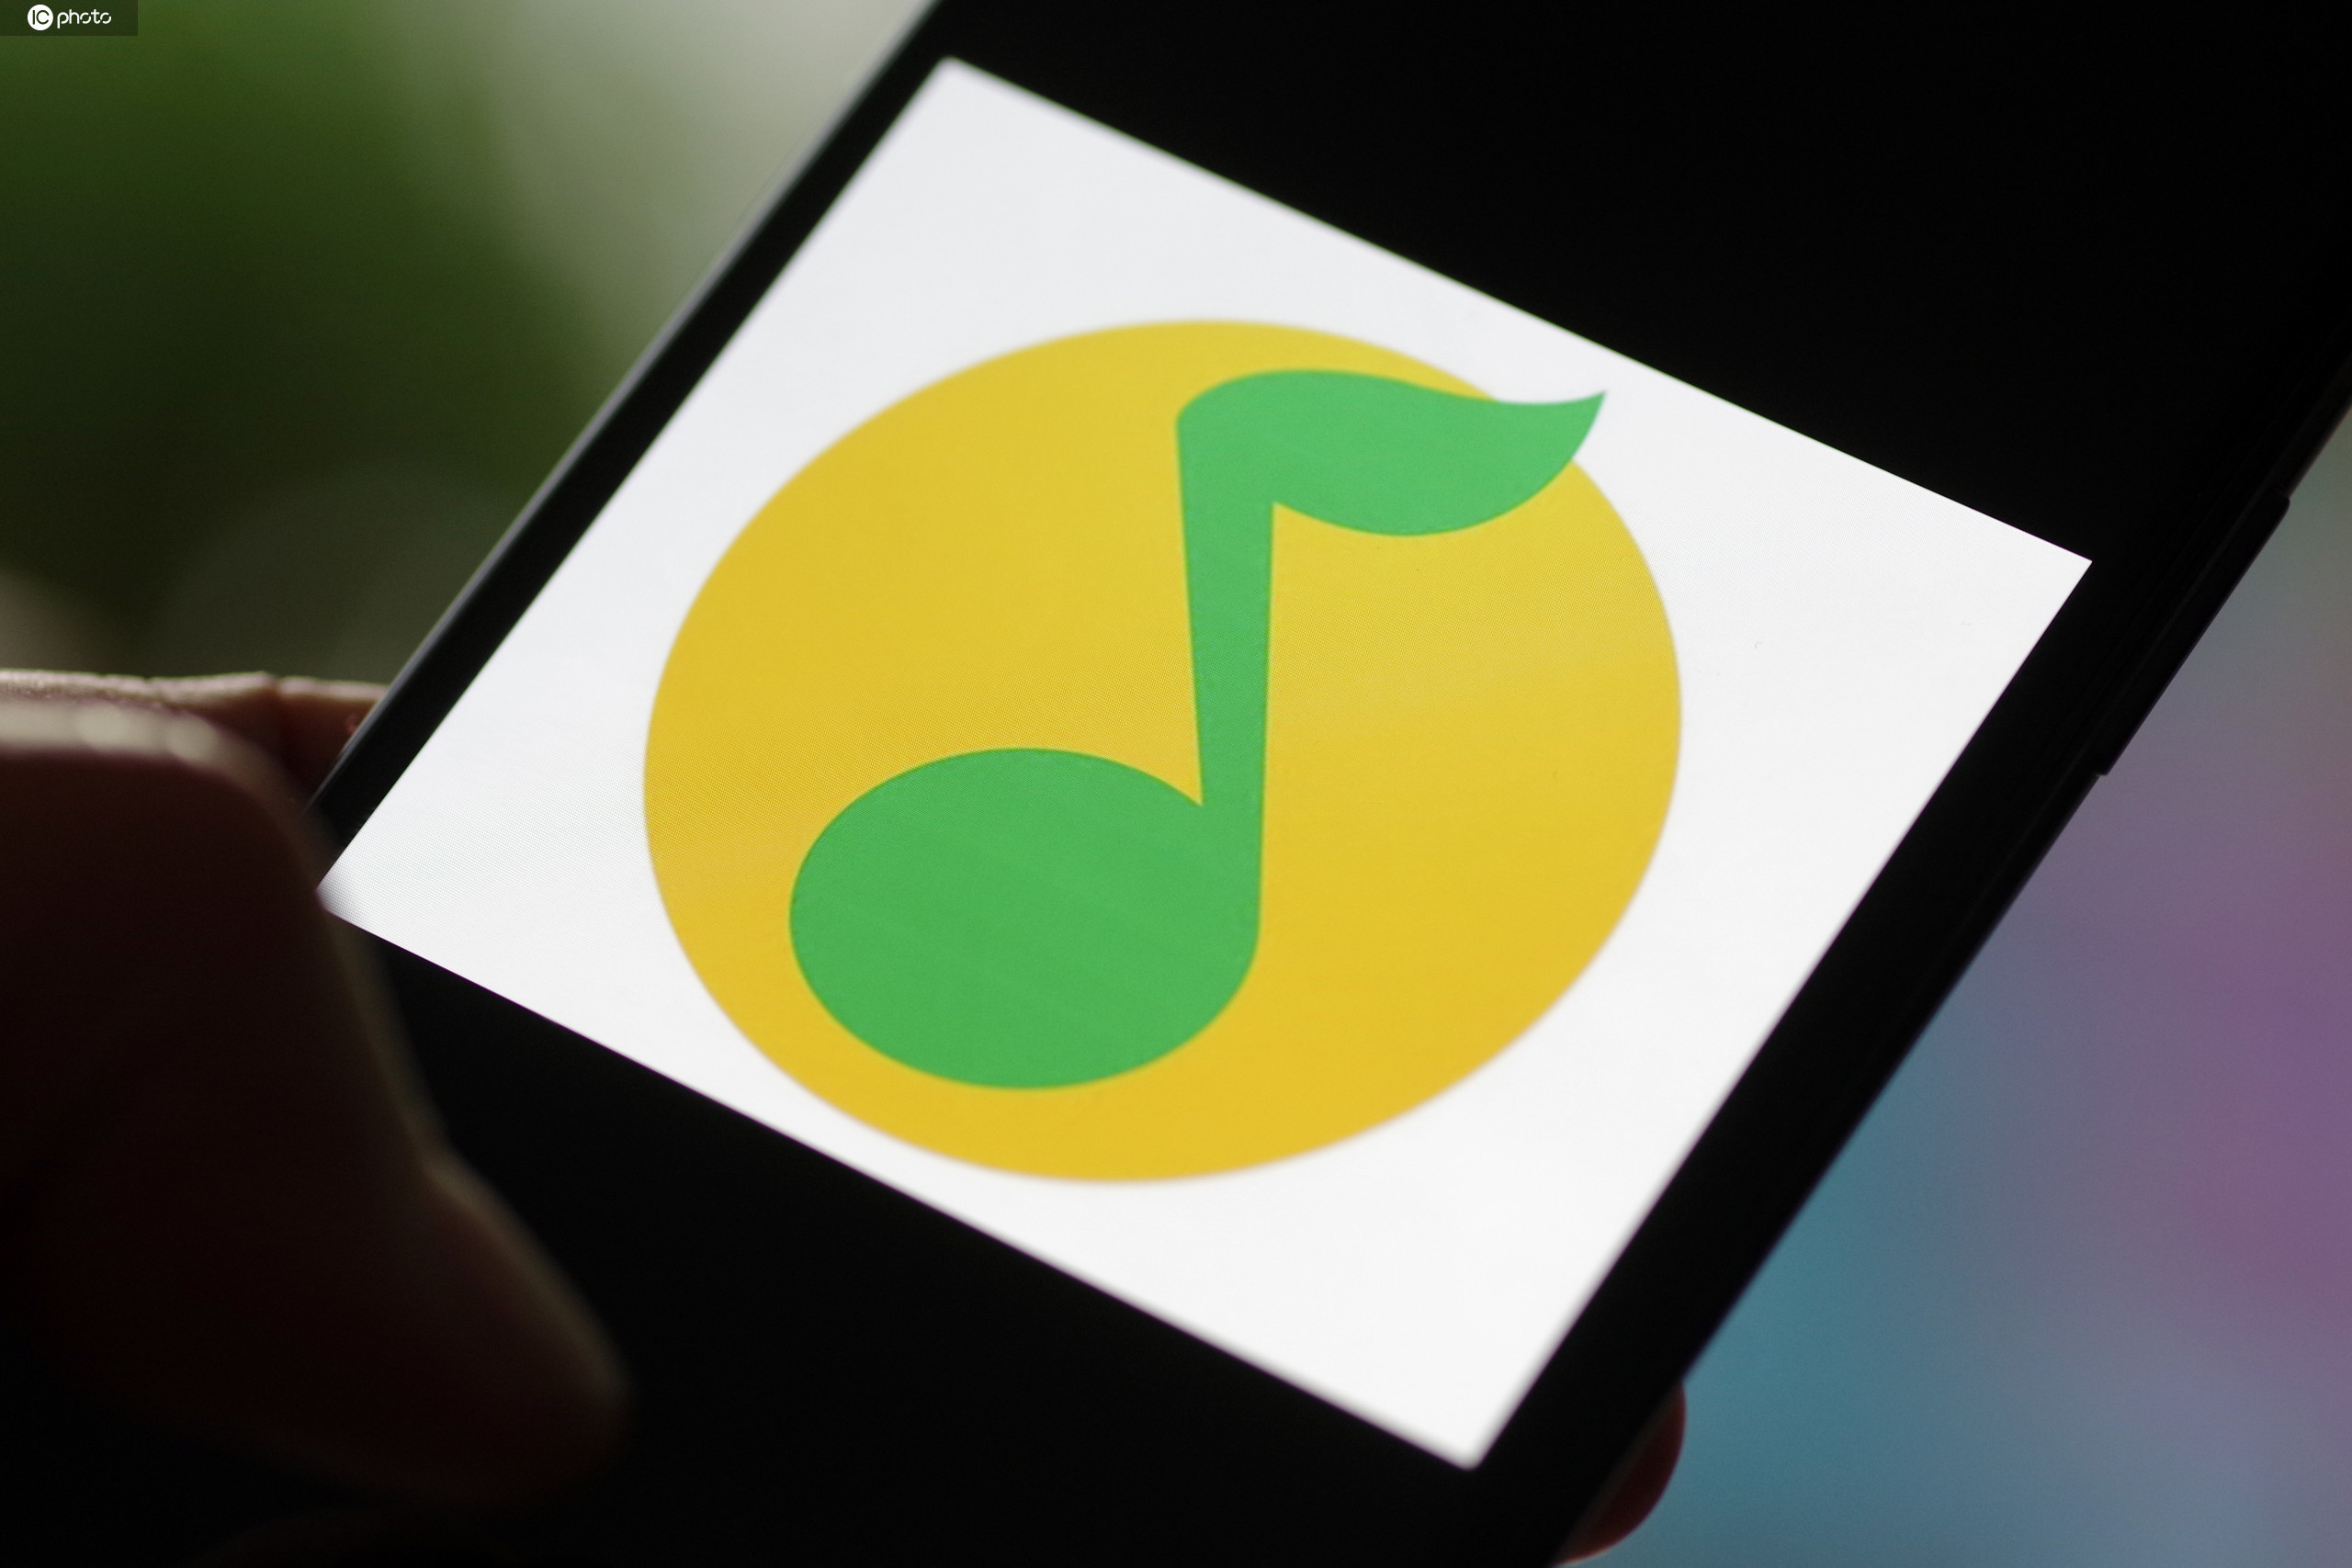 腾讯音乐三季度净利润10.3亿元,同比增长6.4%